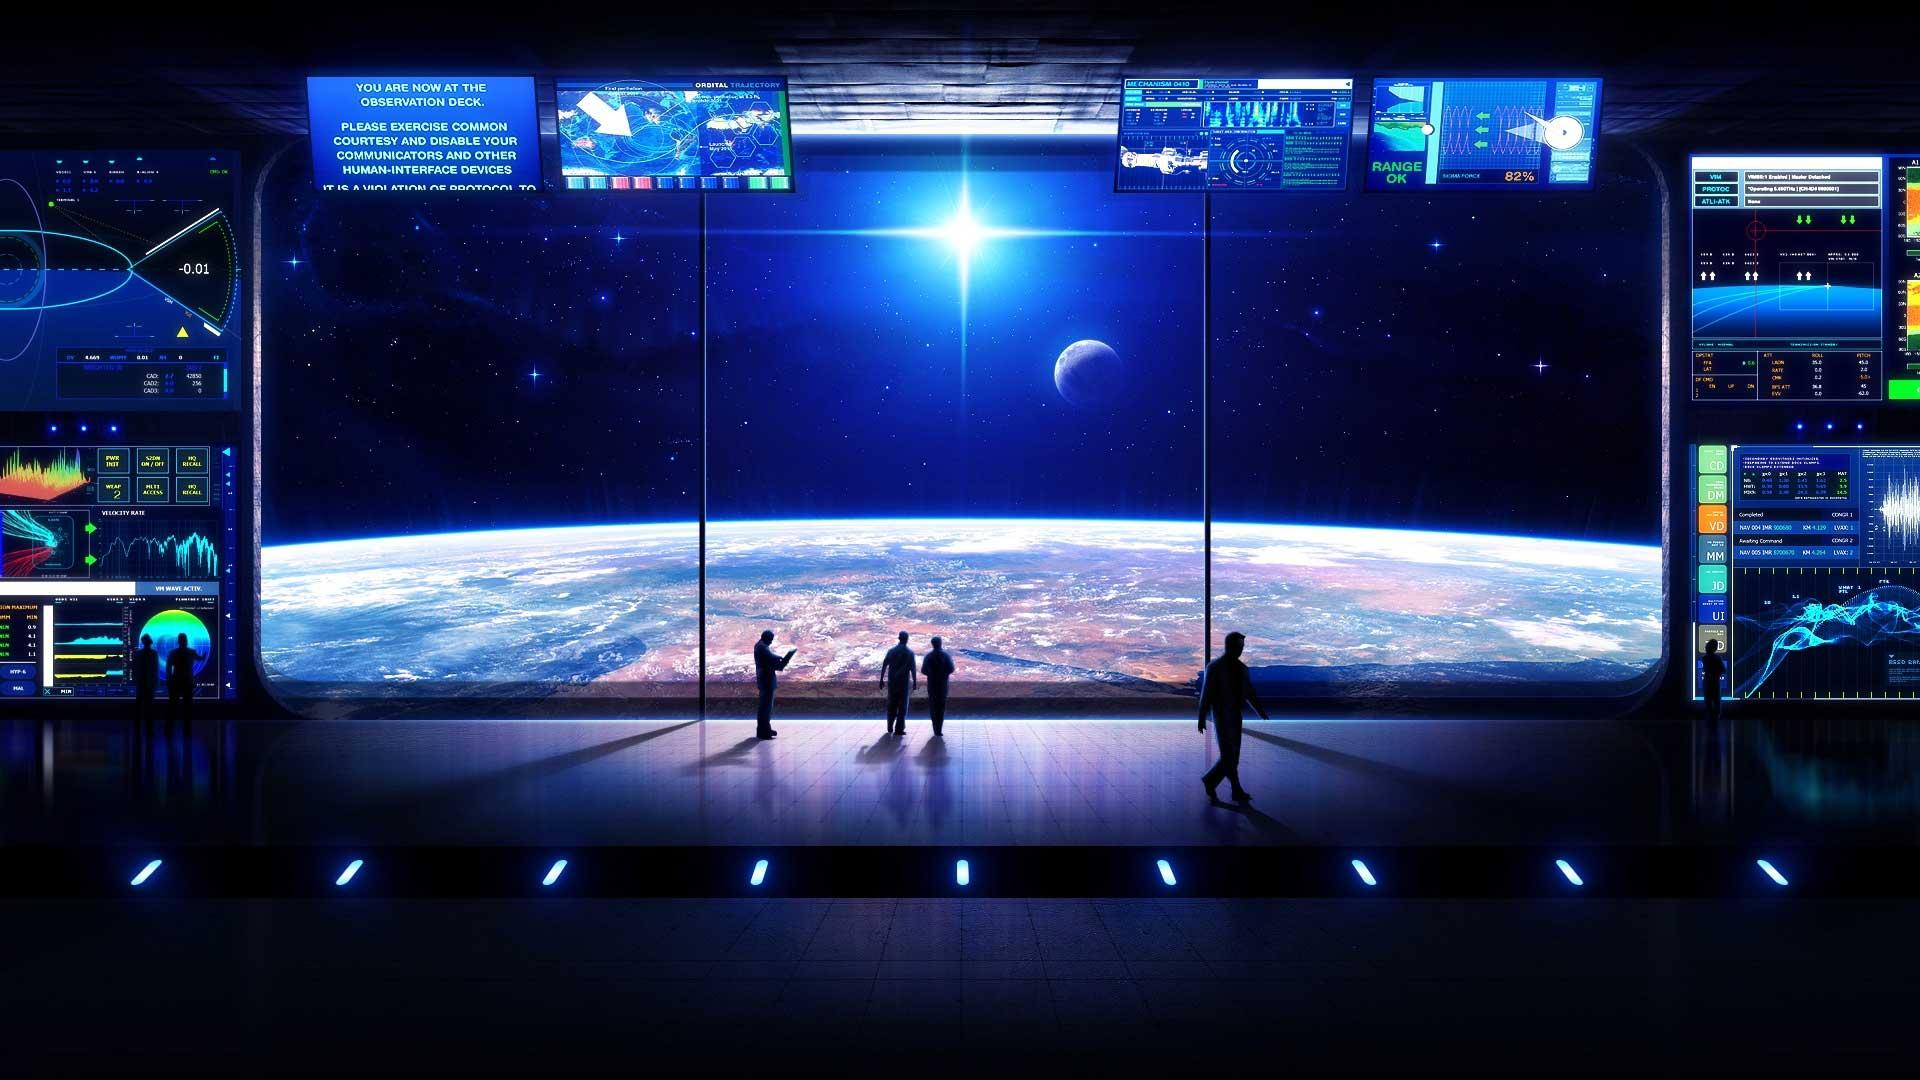 Trabajador de Programa Espacial Secreto habla sobre próximos avances tecnológicos en un futuro cercano